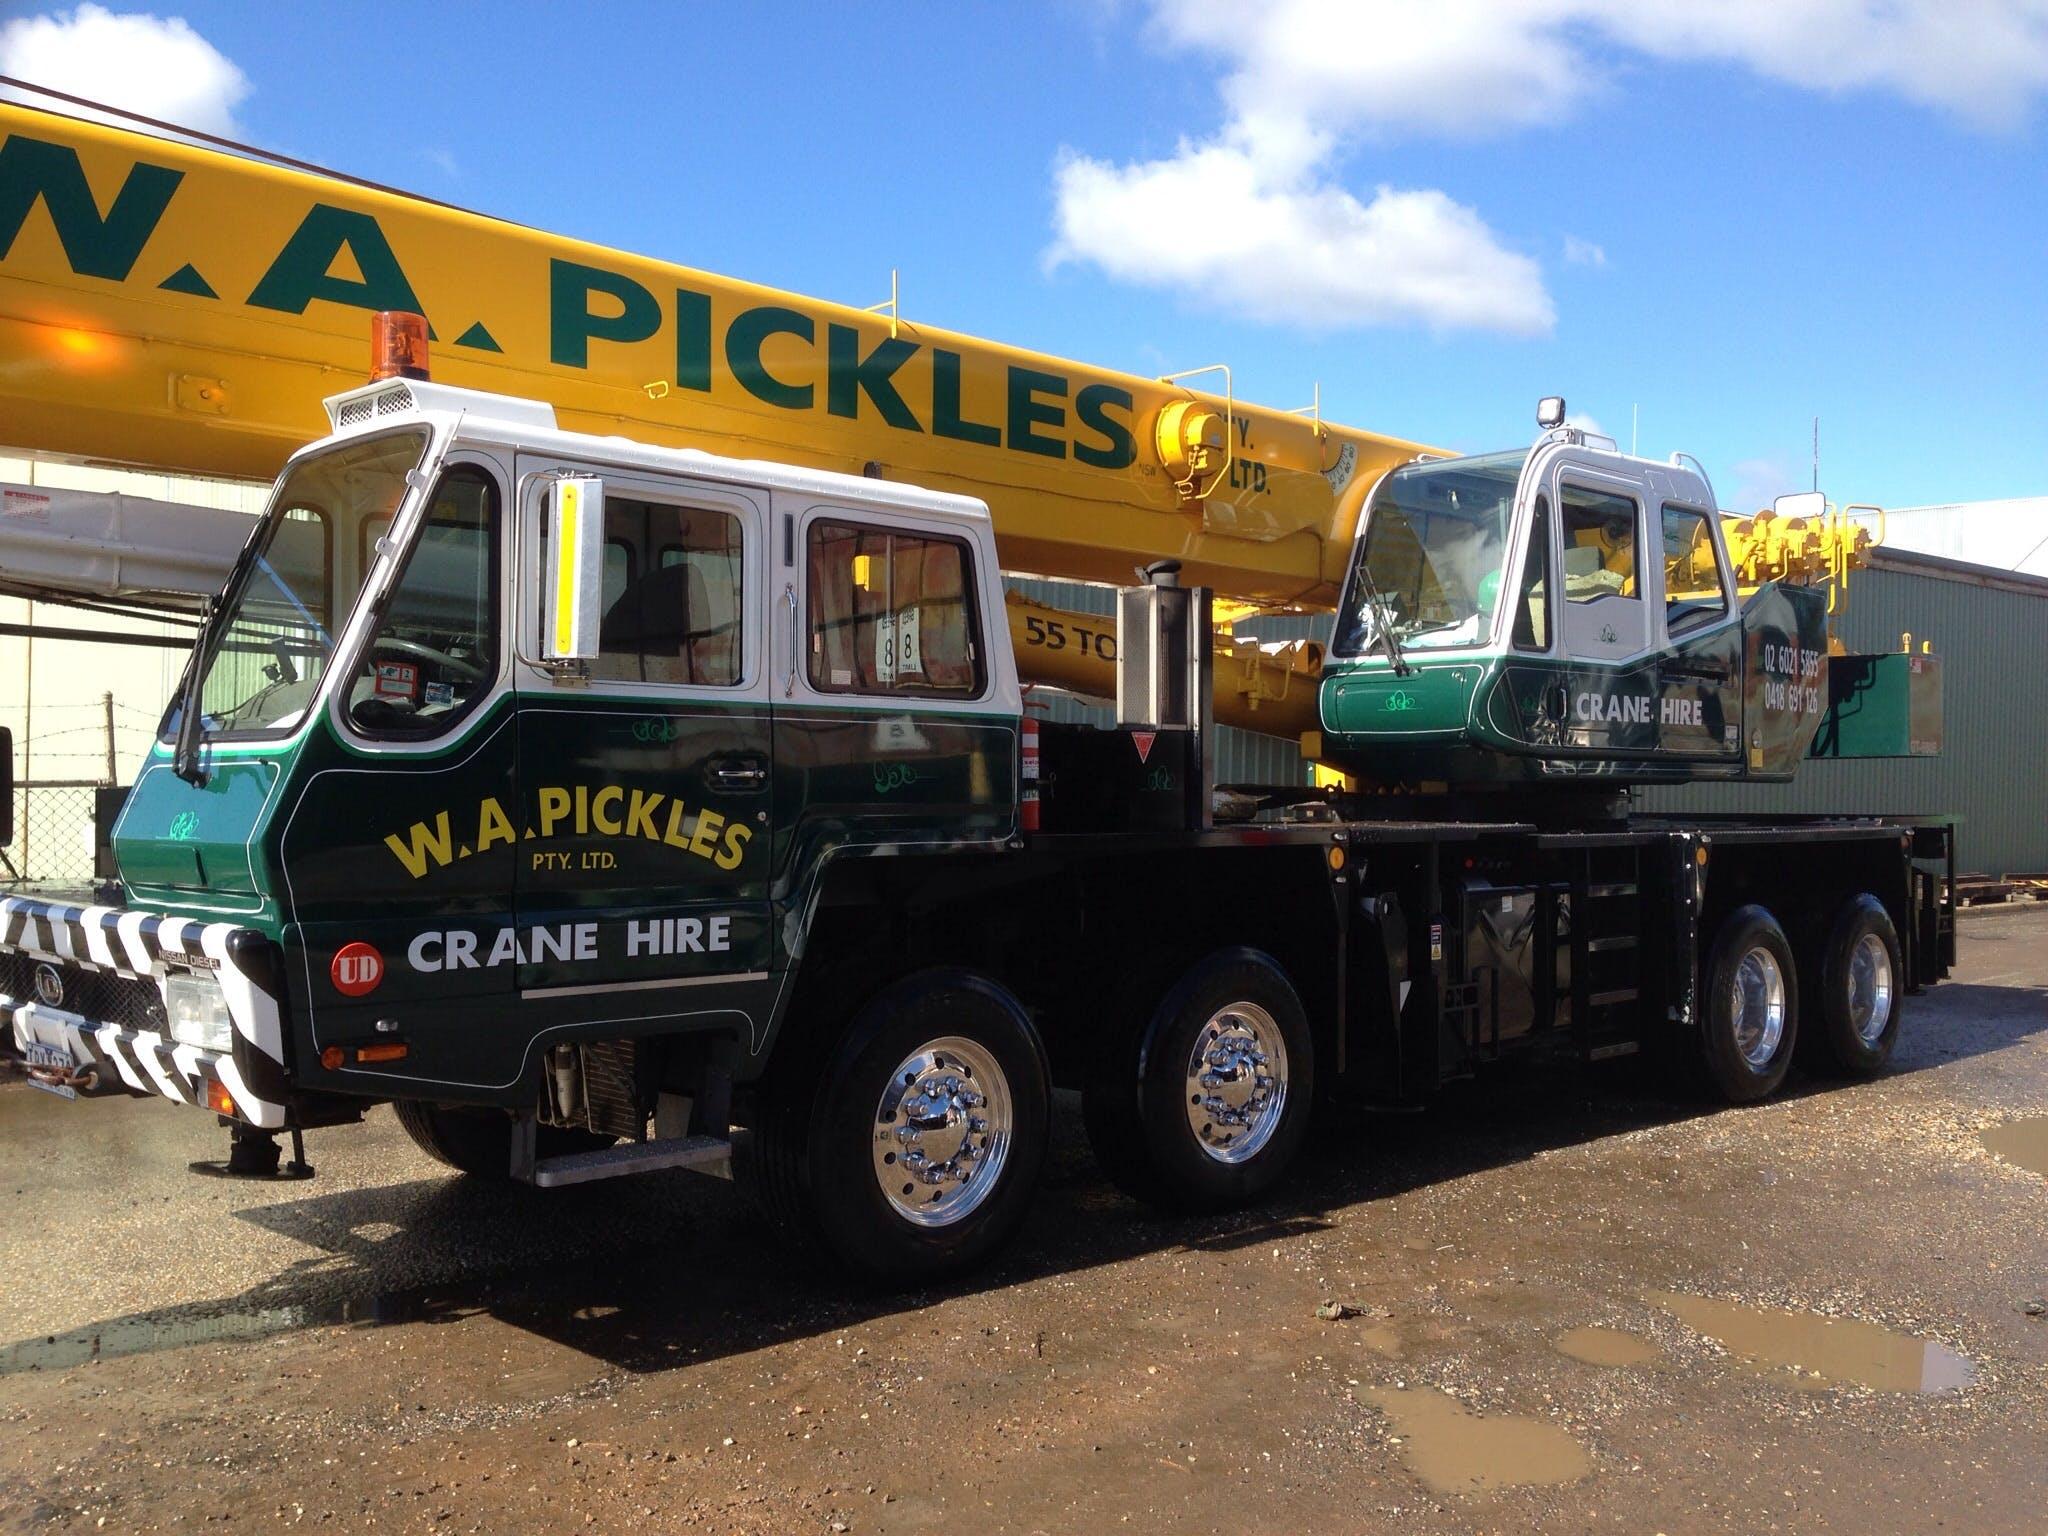 W A Pickles Crane Hire Pty Ltd NSW